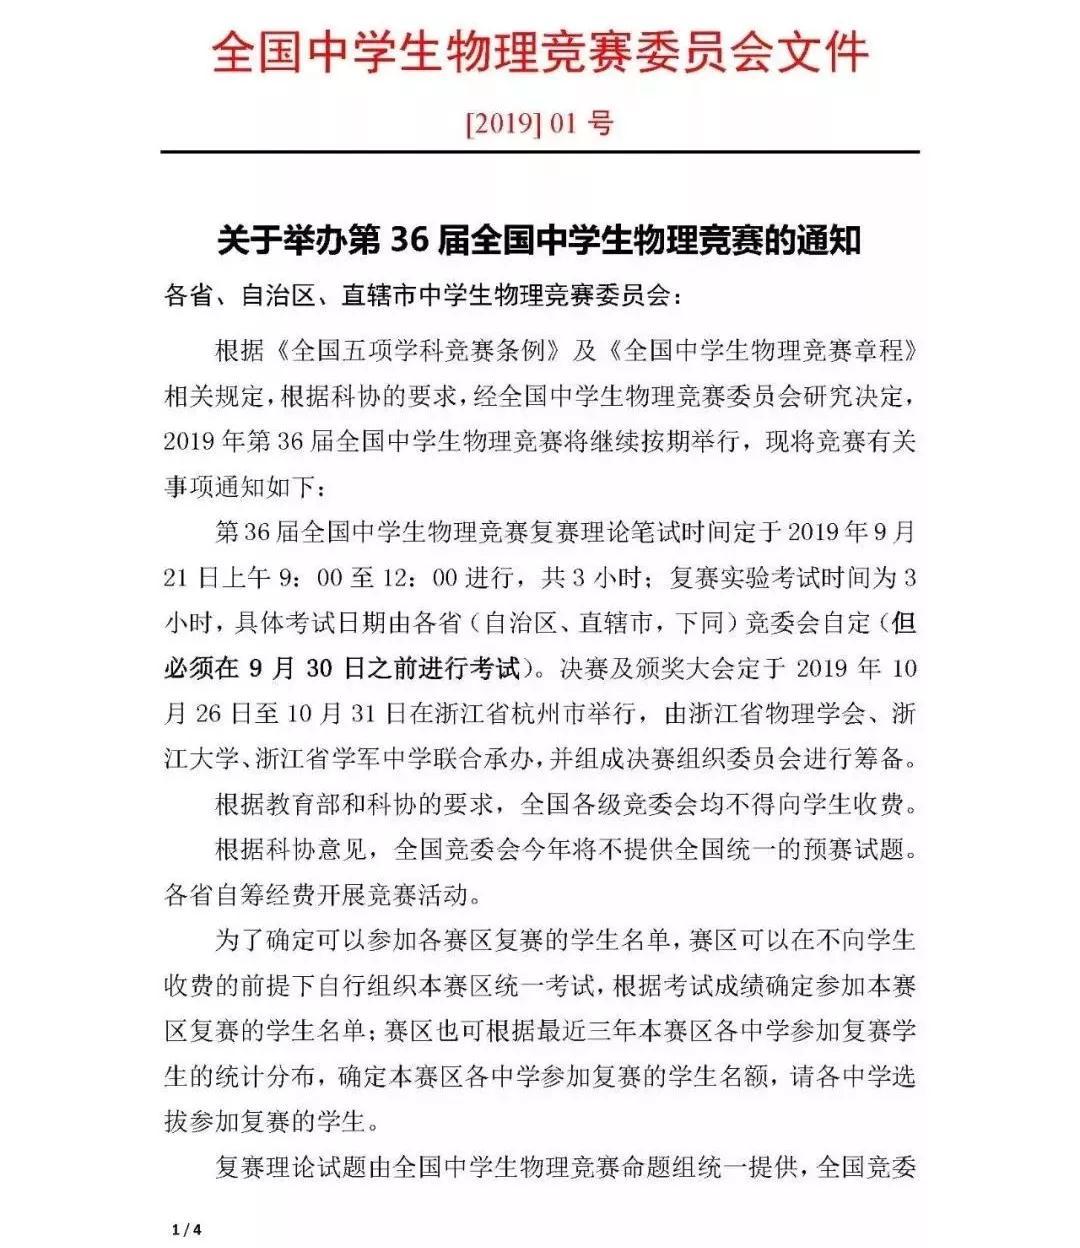 全国物理和信息学竞赛初赛2019重大变革,湖南竞赛学生注意!